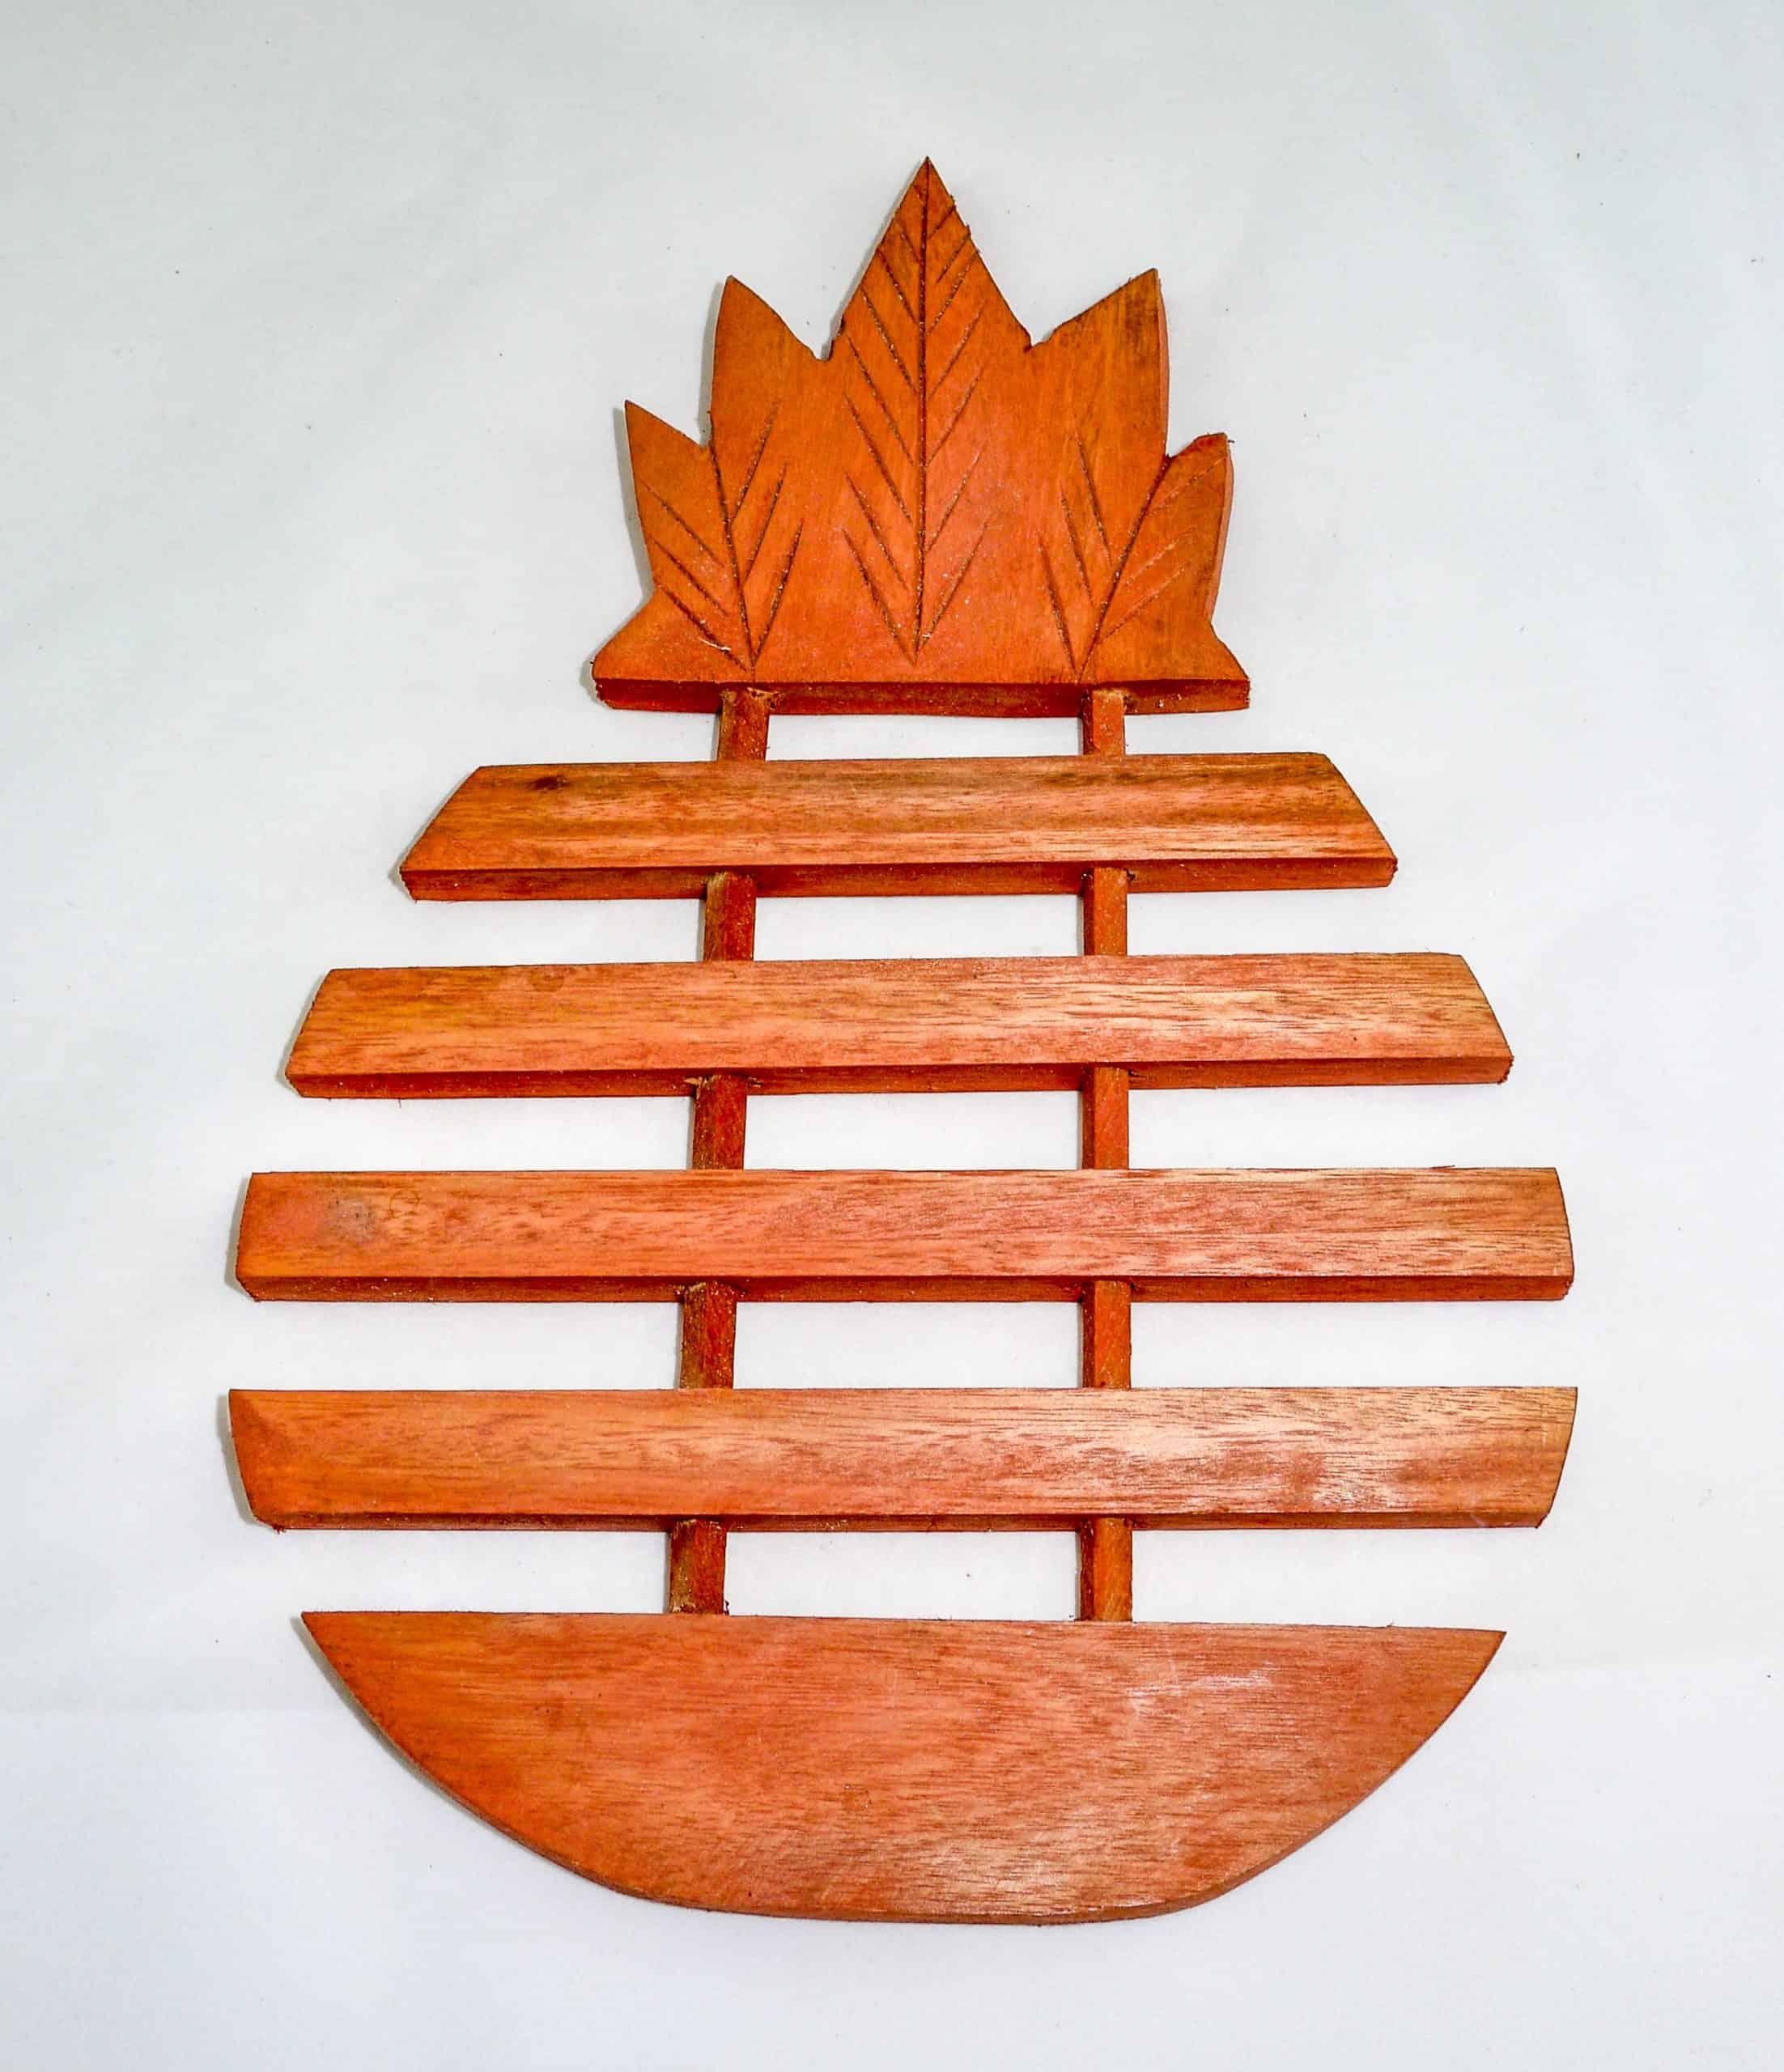 Kitchen Essentials Wooden Pineapple Trivet Salvador Guidebook